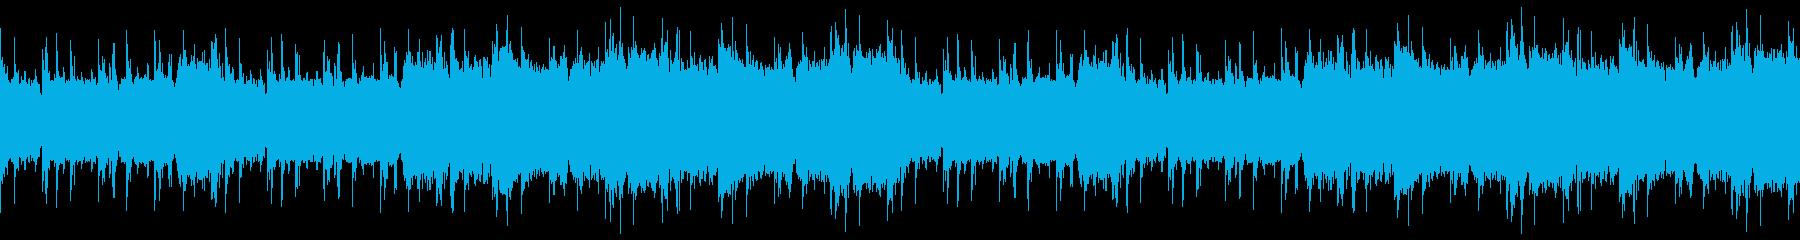 飛行機で激しく飛んでるイメージのEDMの再生済みの波形